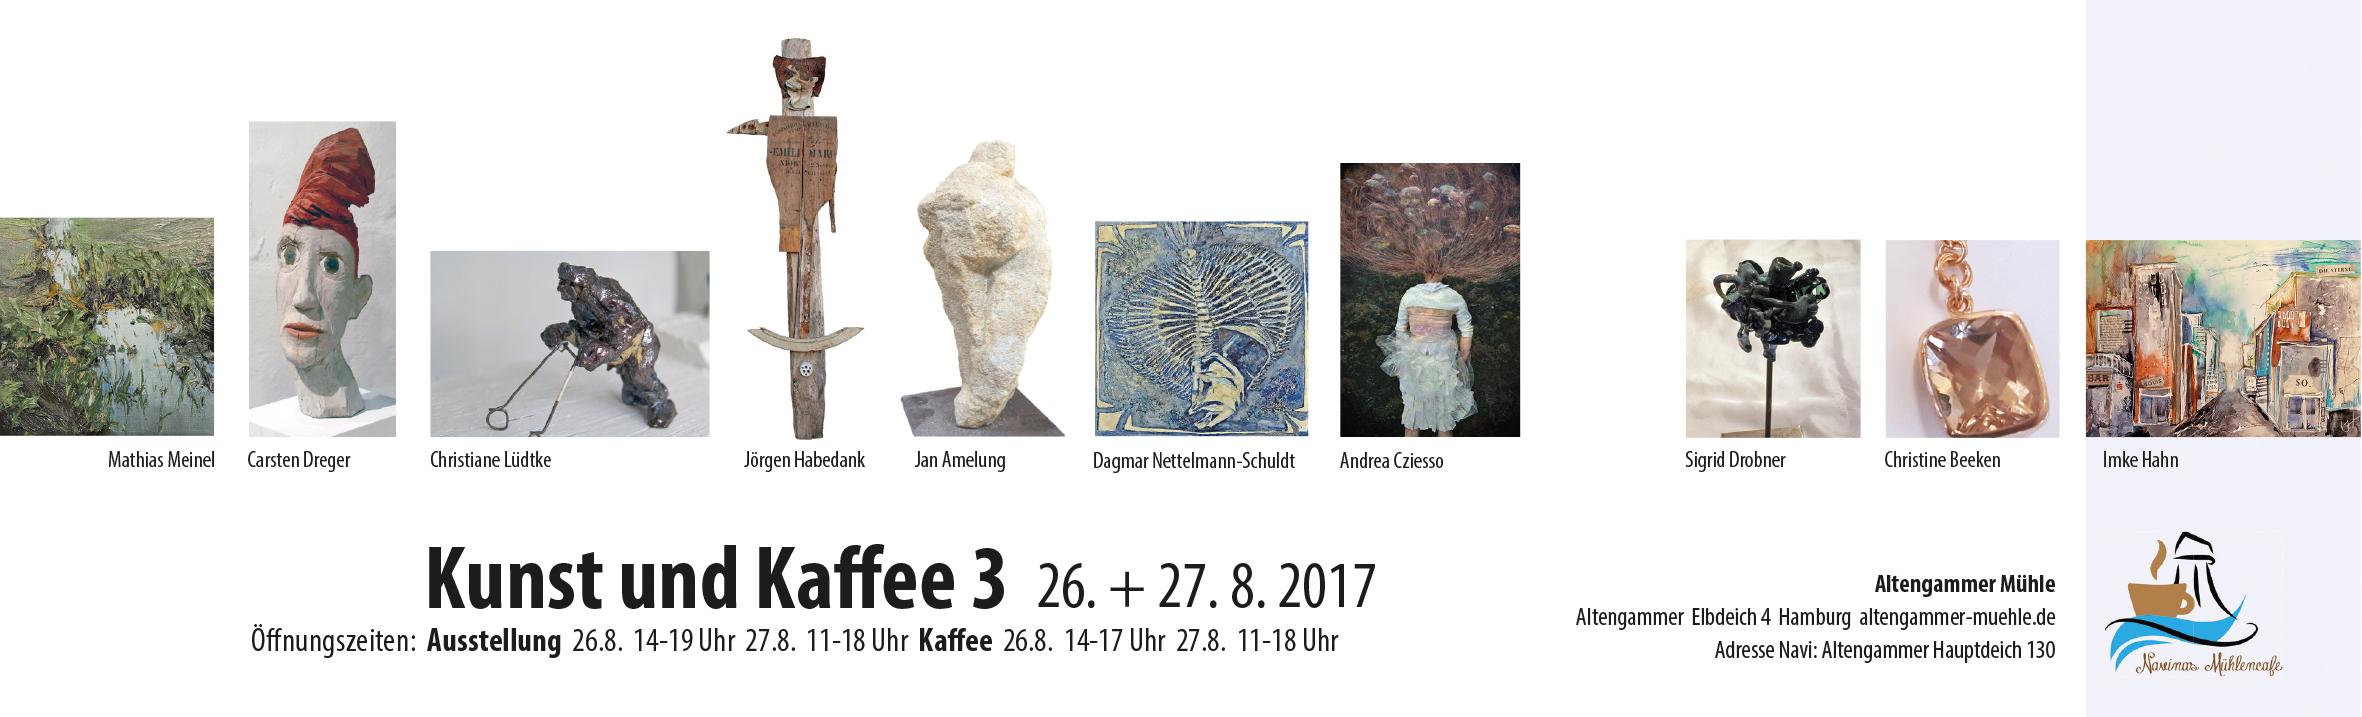 Kunst und Kaffee 3 Einladung quer